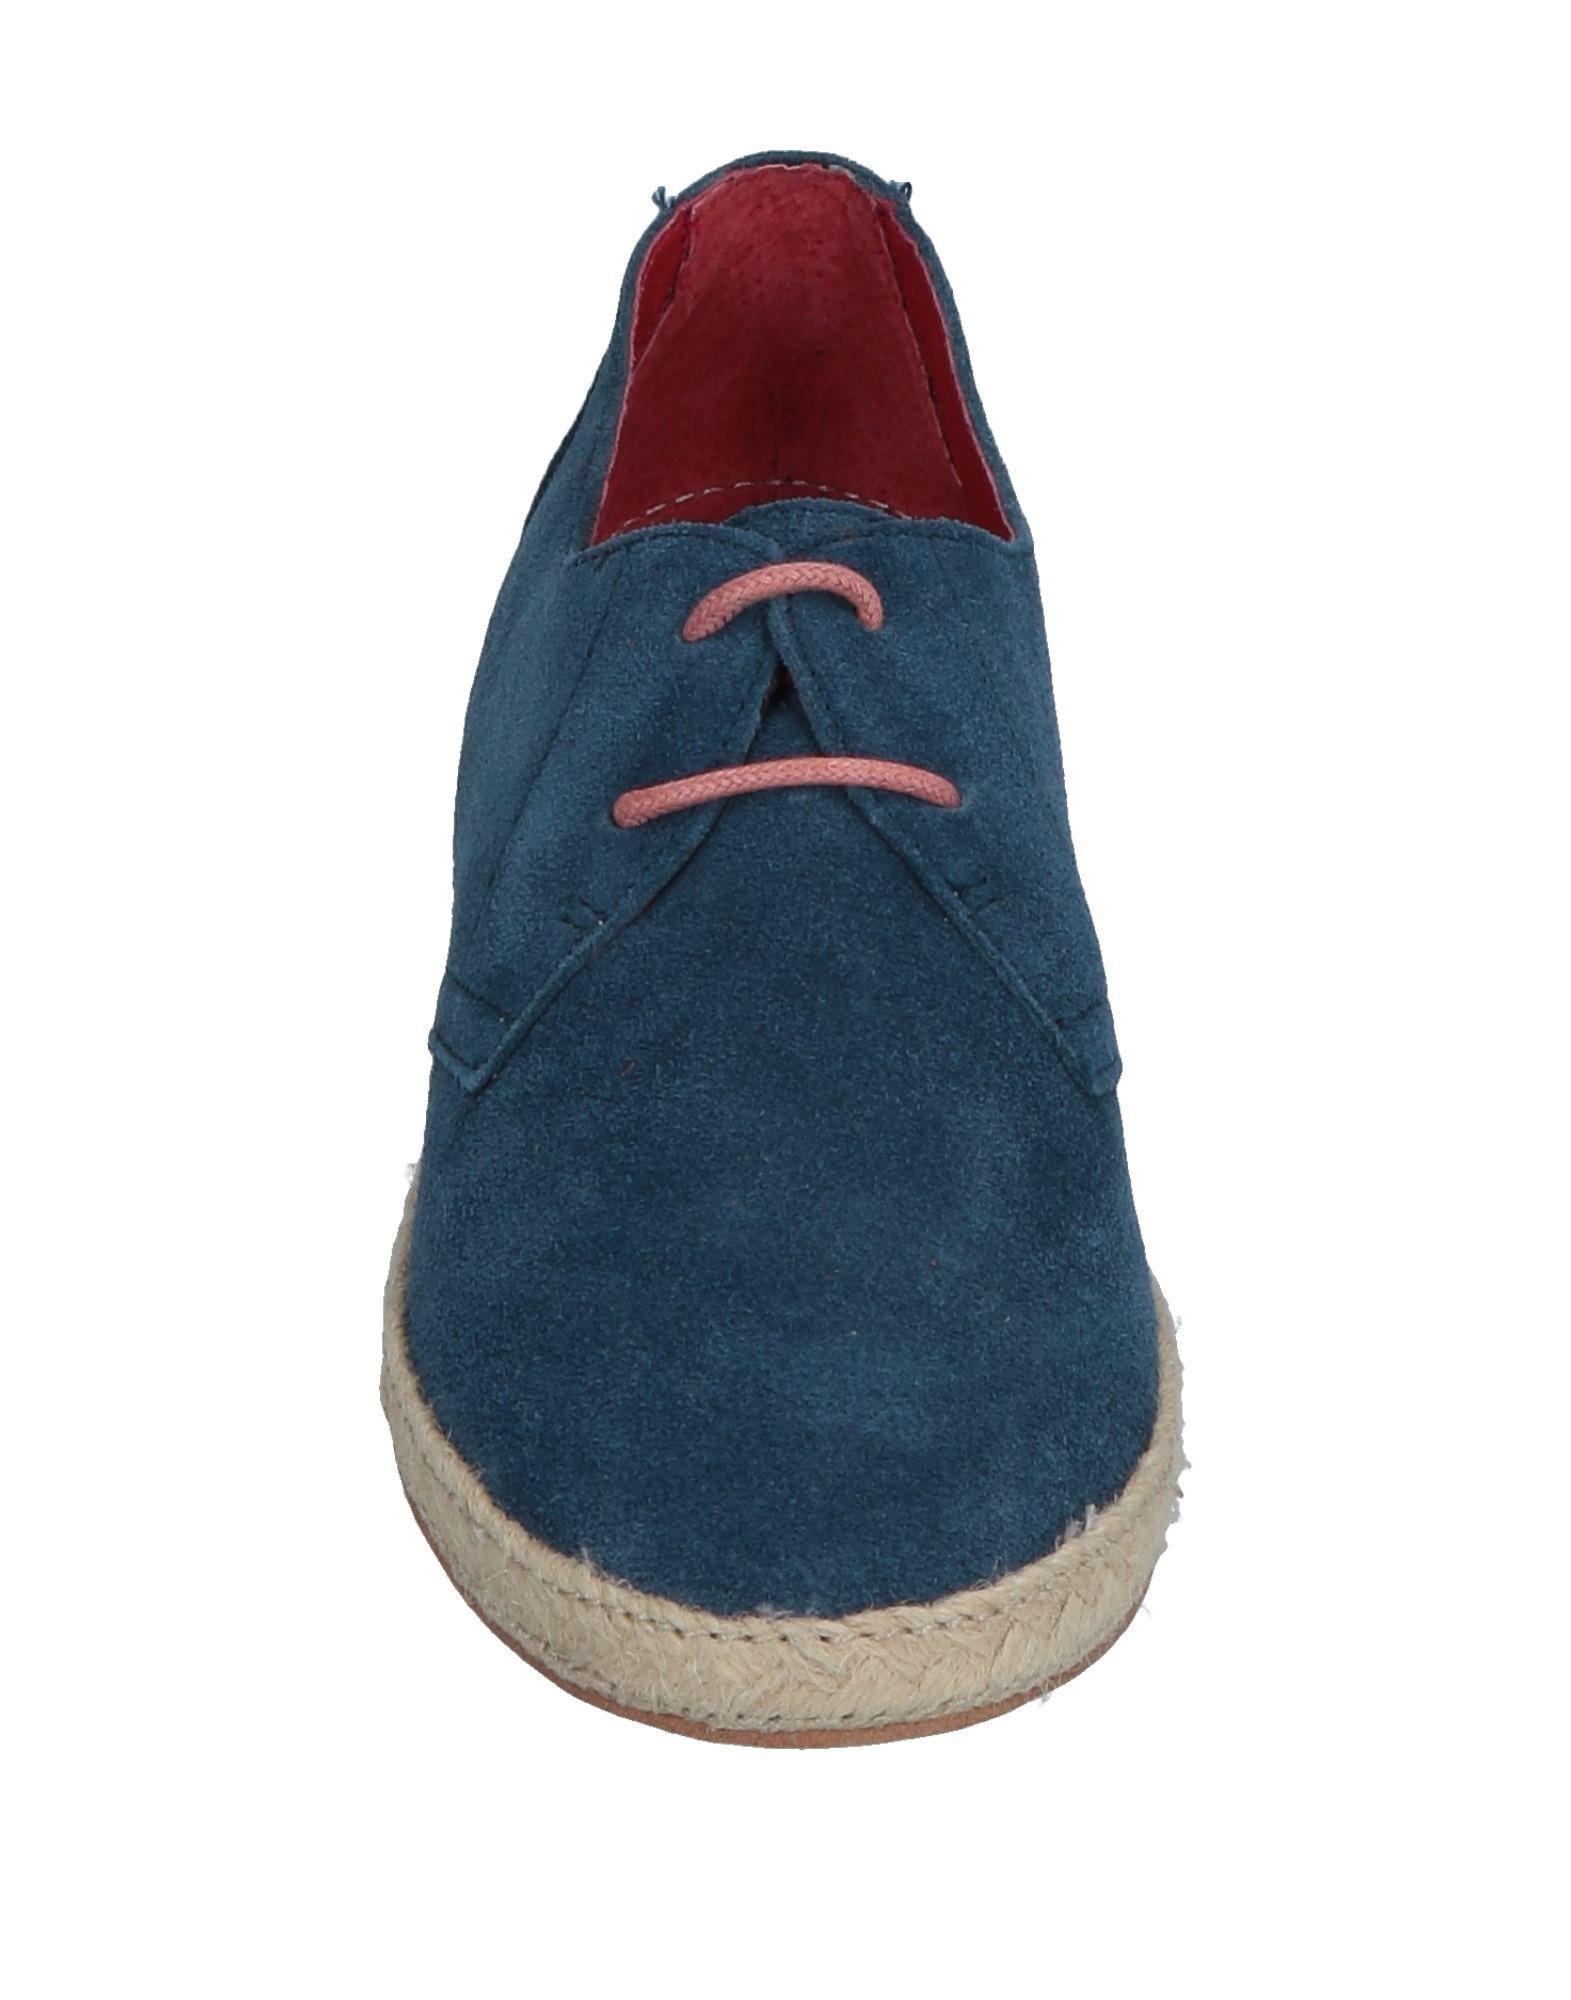 Zapatos de cordones CafeNoir de Cuero de color Azul